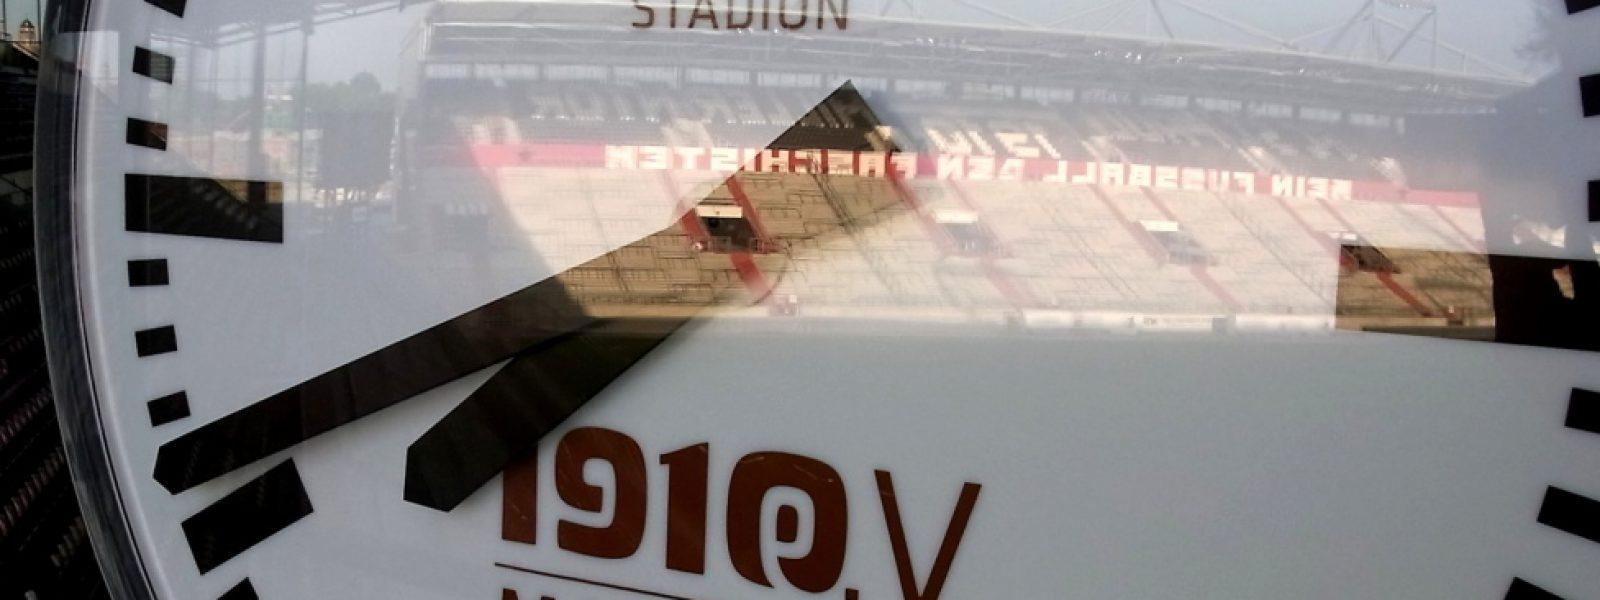 Die neue alte Stadionuhr am Millerntor. Foto: Olaf Bartsch